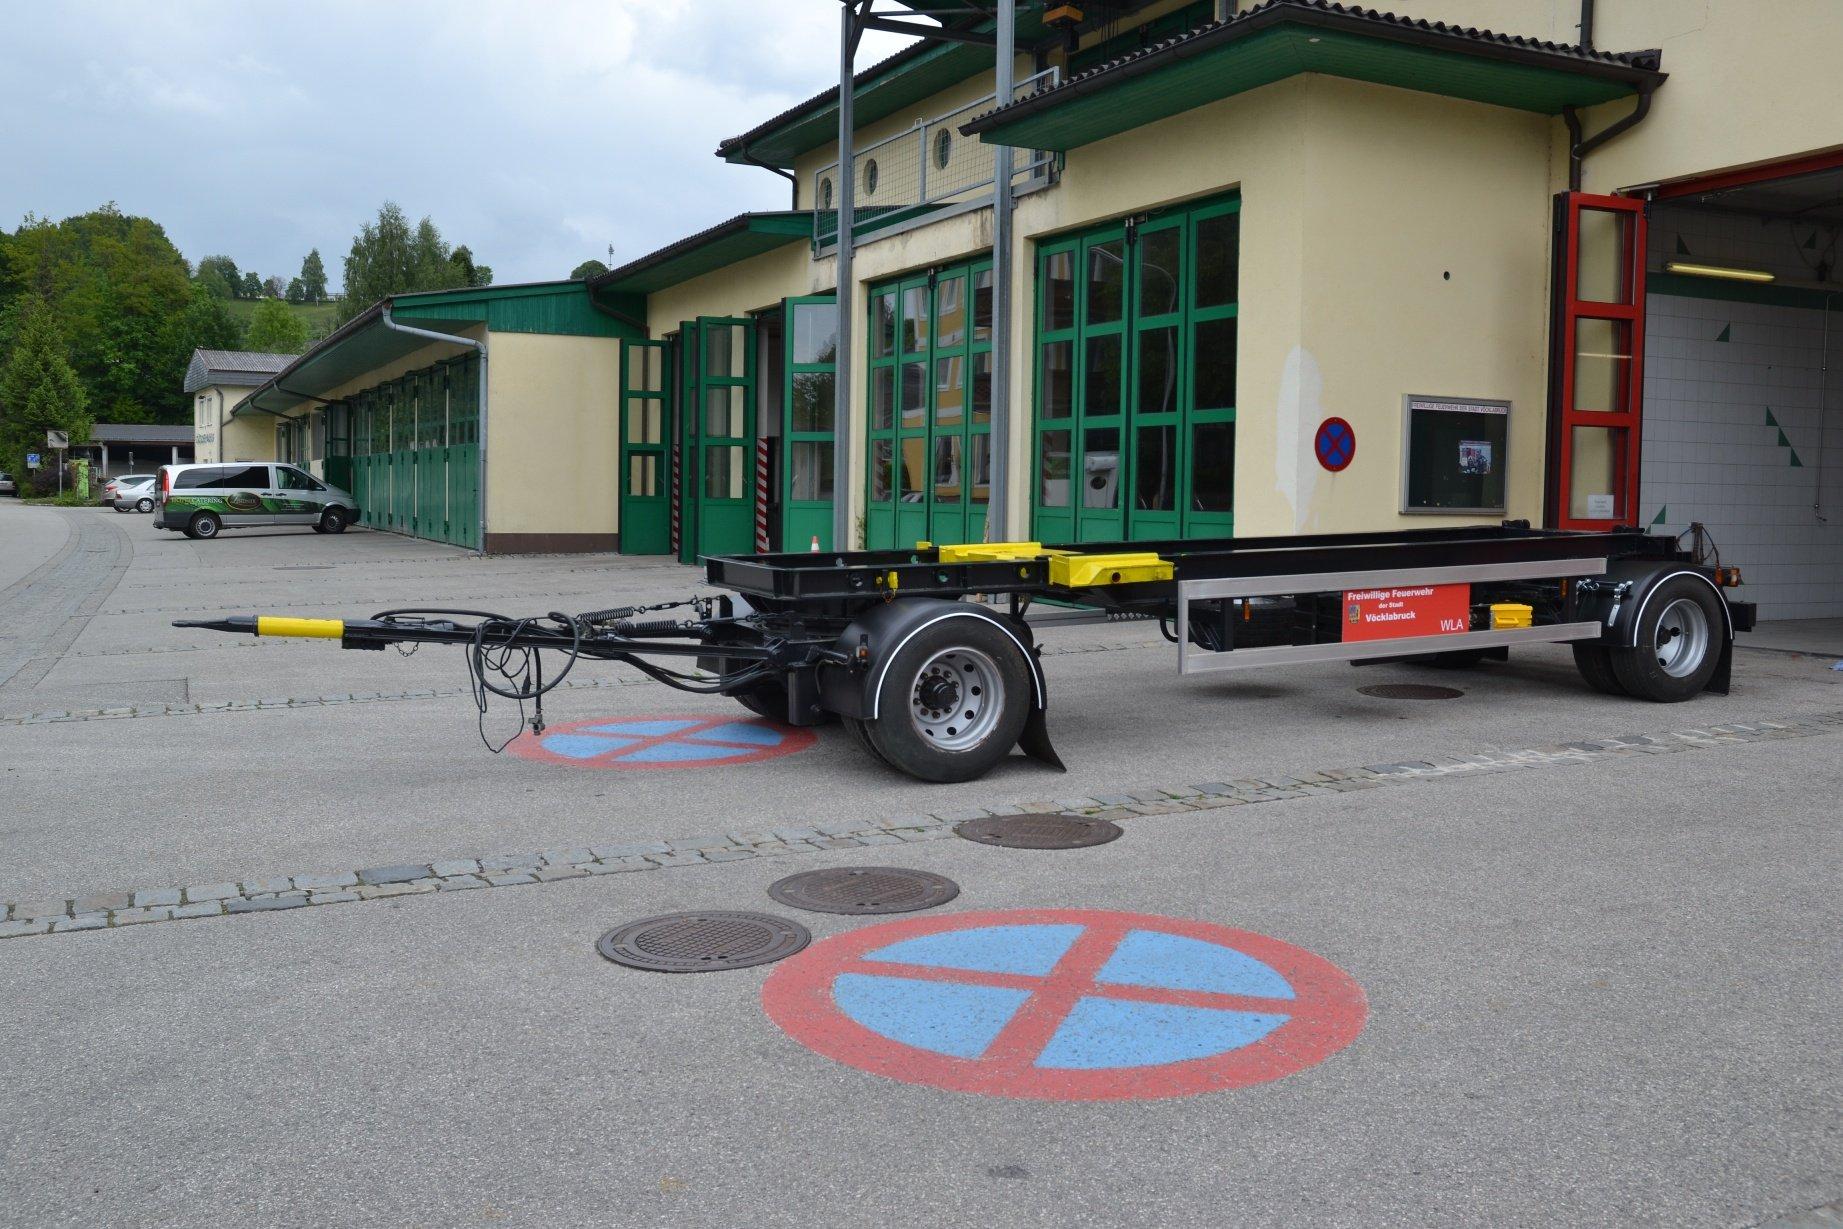 DSC 0002 - Fuhrpark